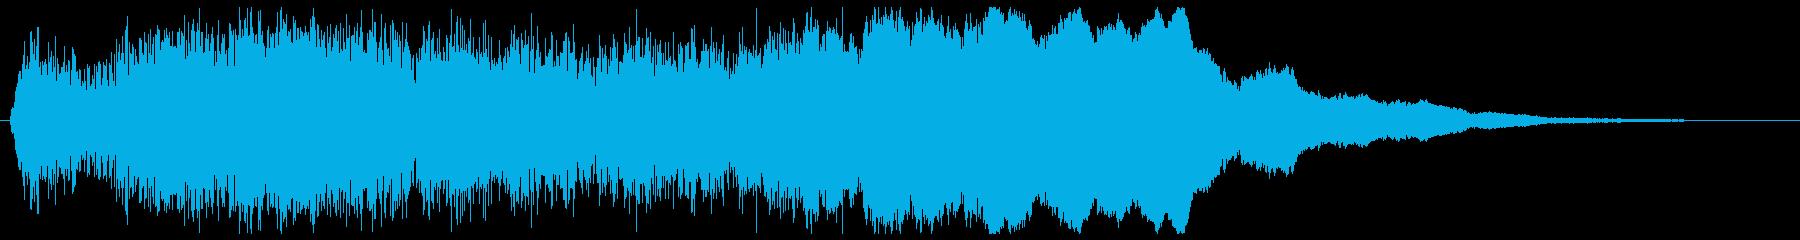 イベントアイテム獲得ジングル1の再生済みの波形